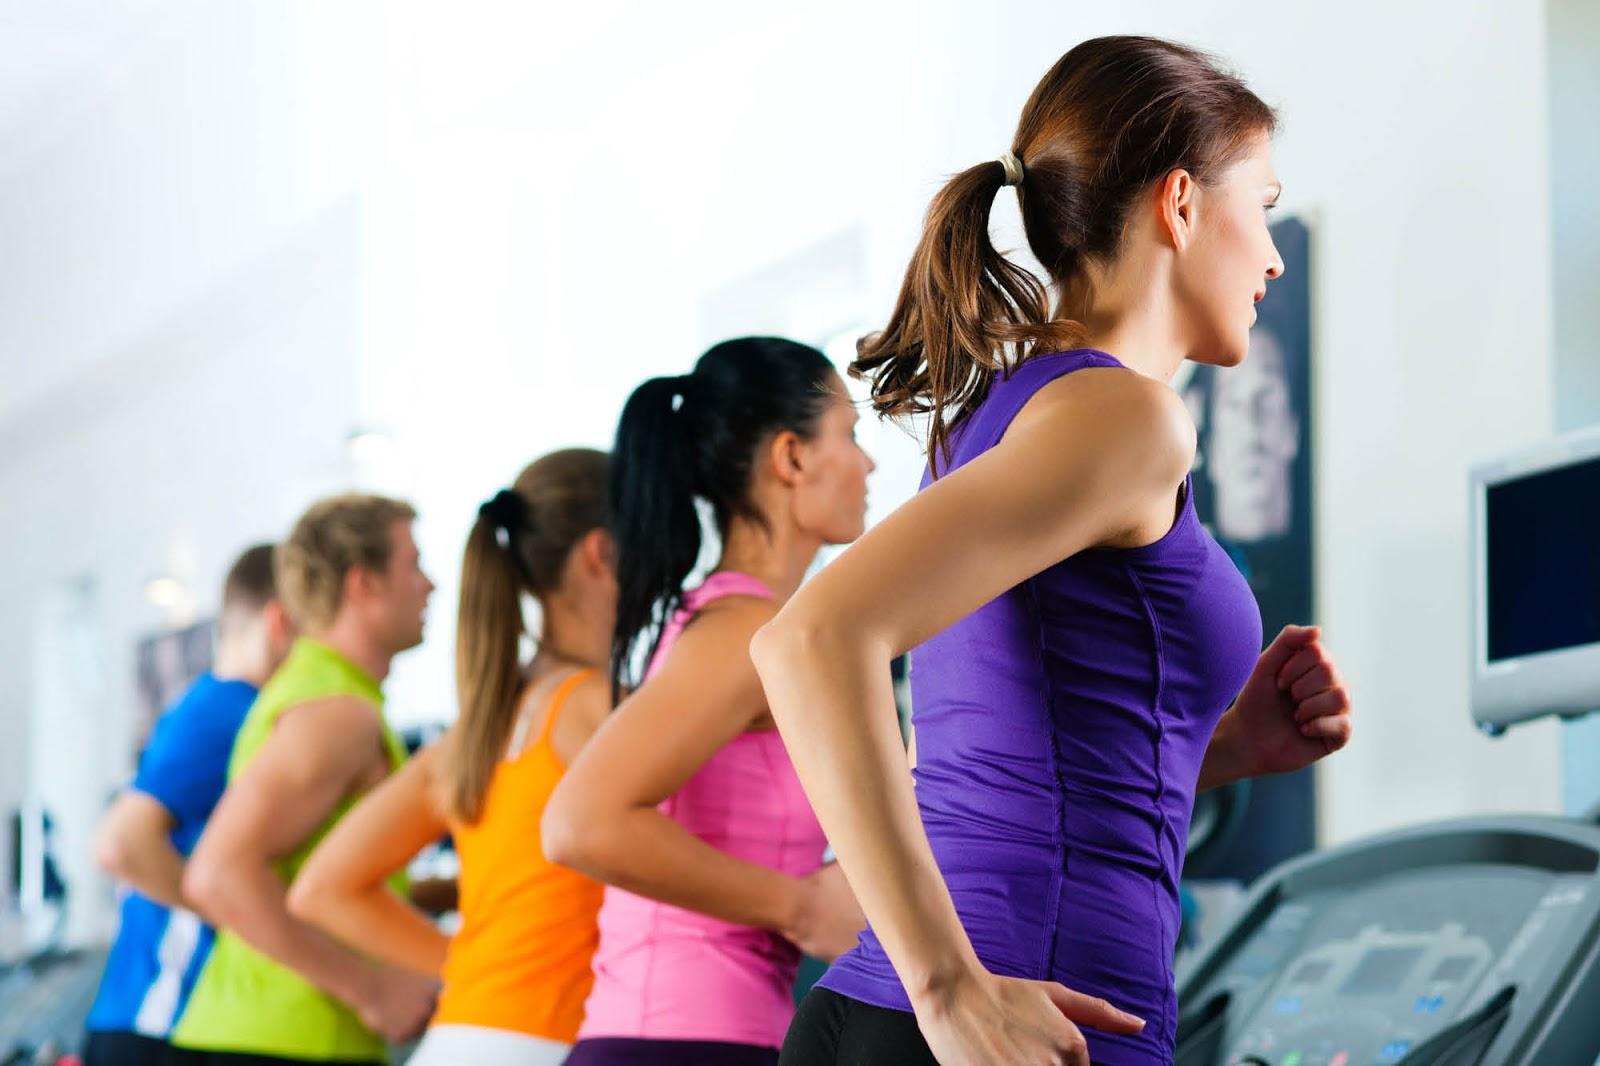 companhias e exercício físico - Dicas para perder a barriga